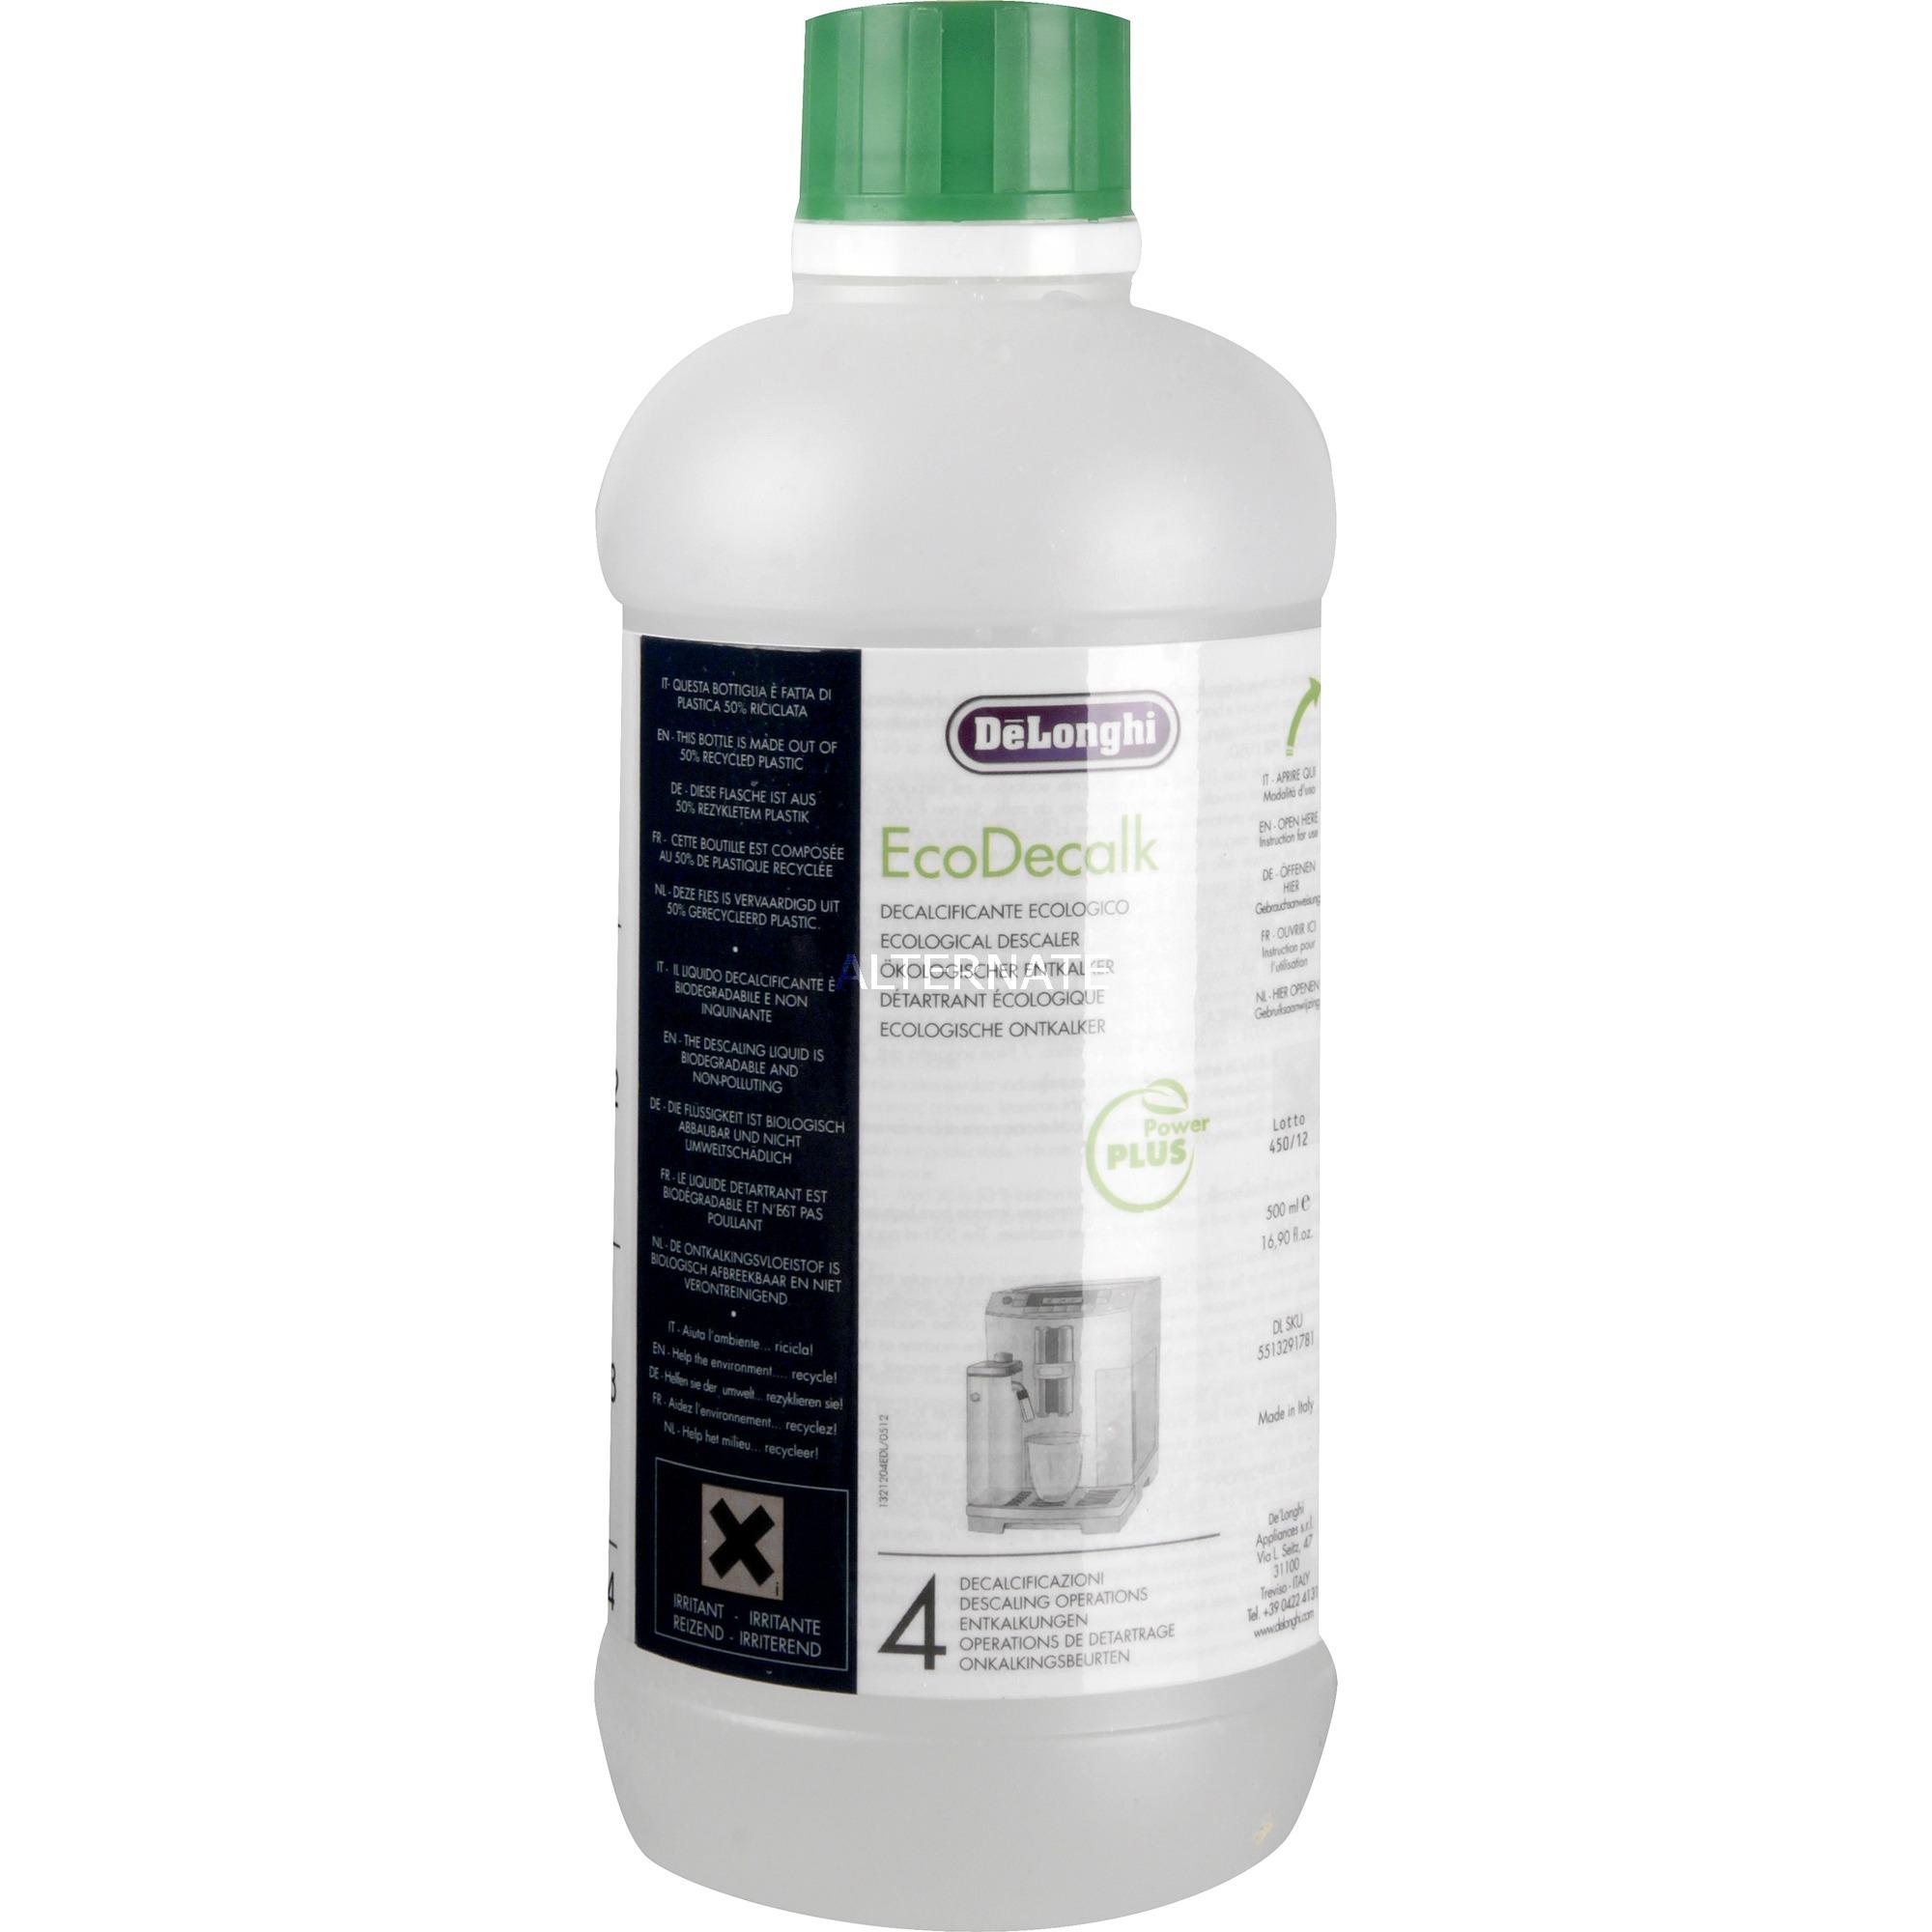 EcoDecalk descalers Electrodomésticos 500 ml, Descalcificador